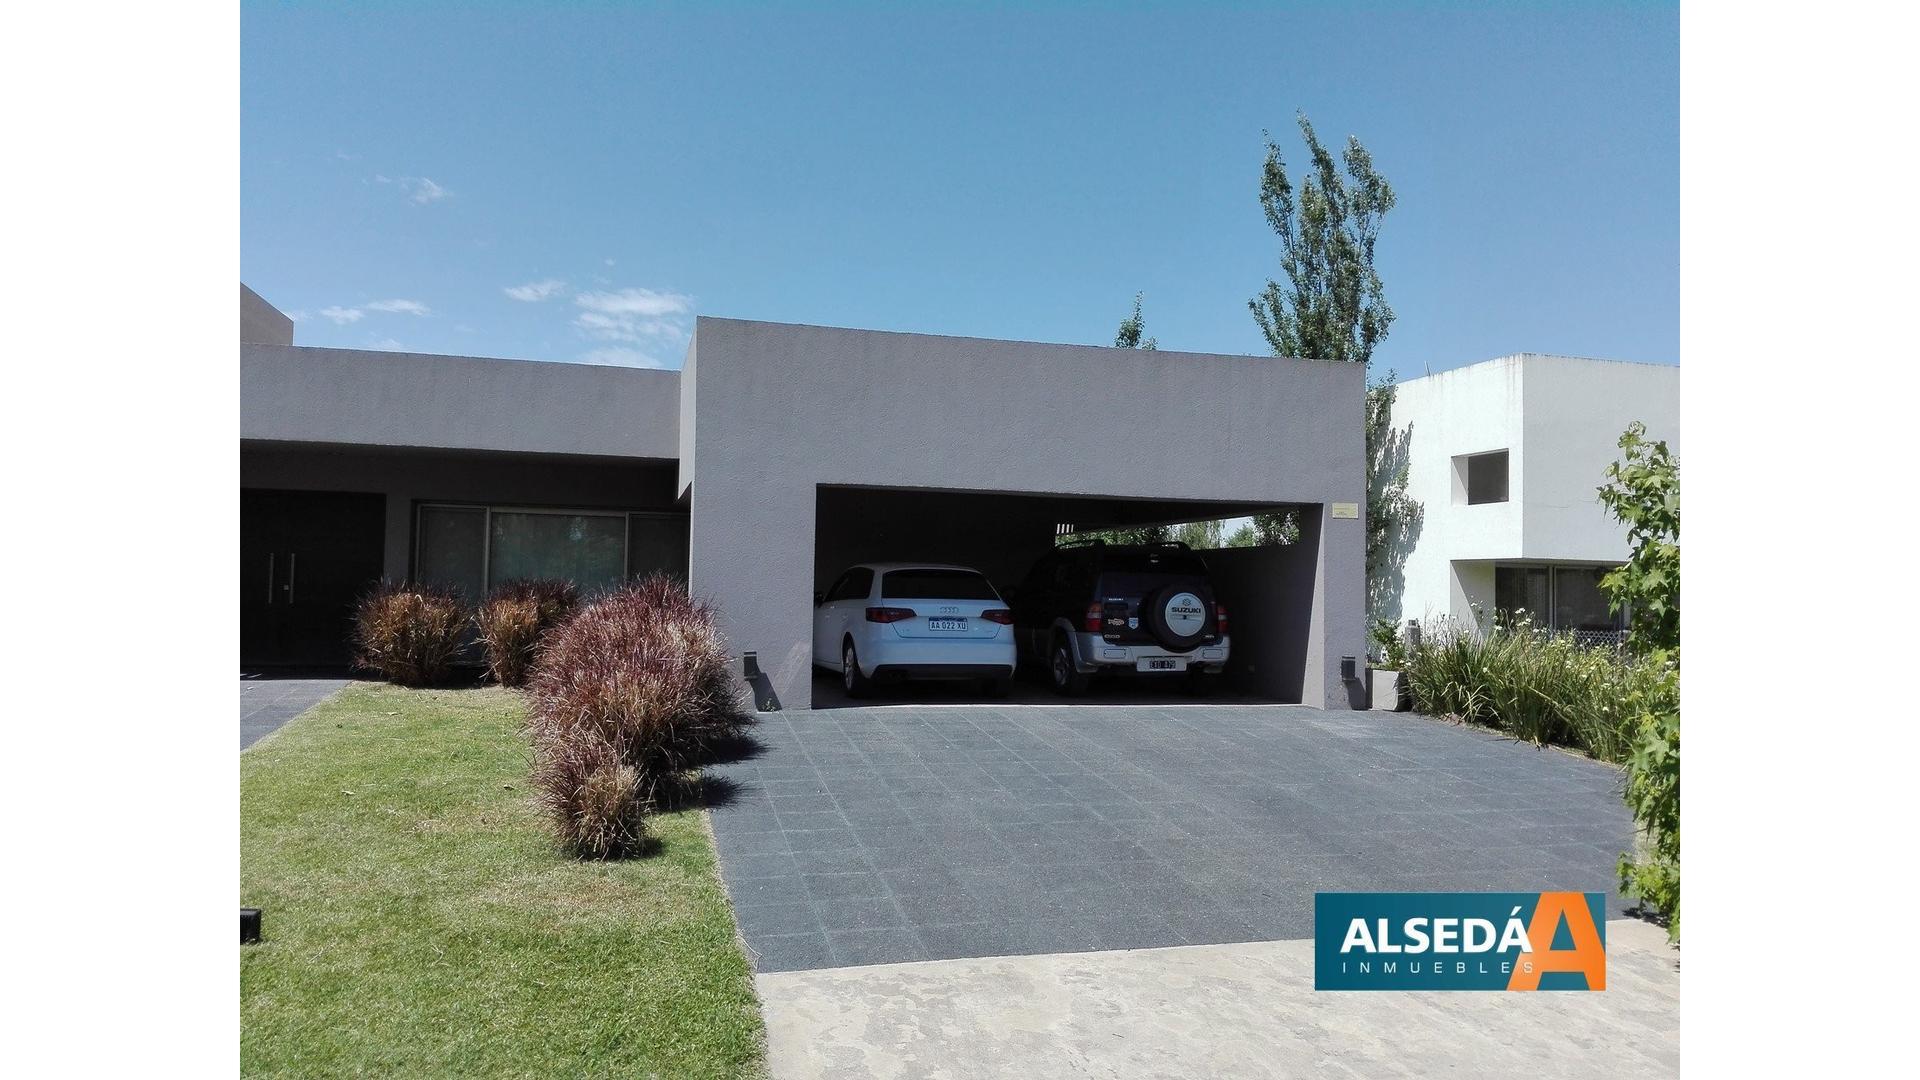 Casa de 3 dormitorios en barrio privado Los alamos Ibarlucea, Primera categoría!